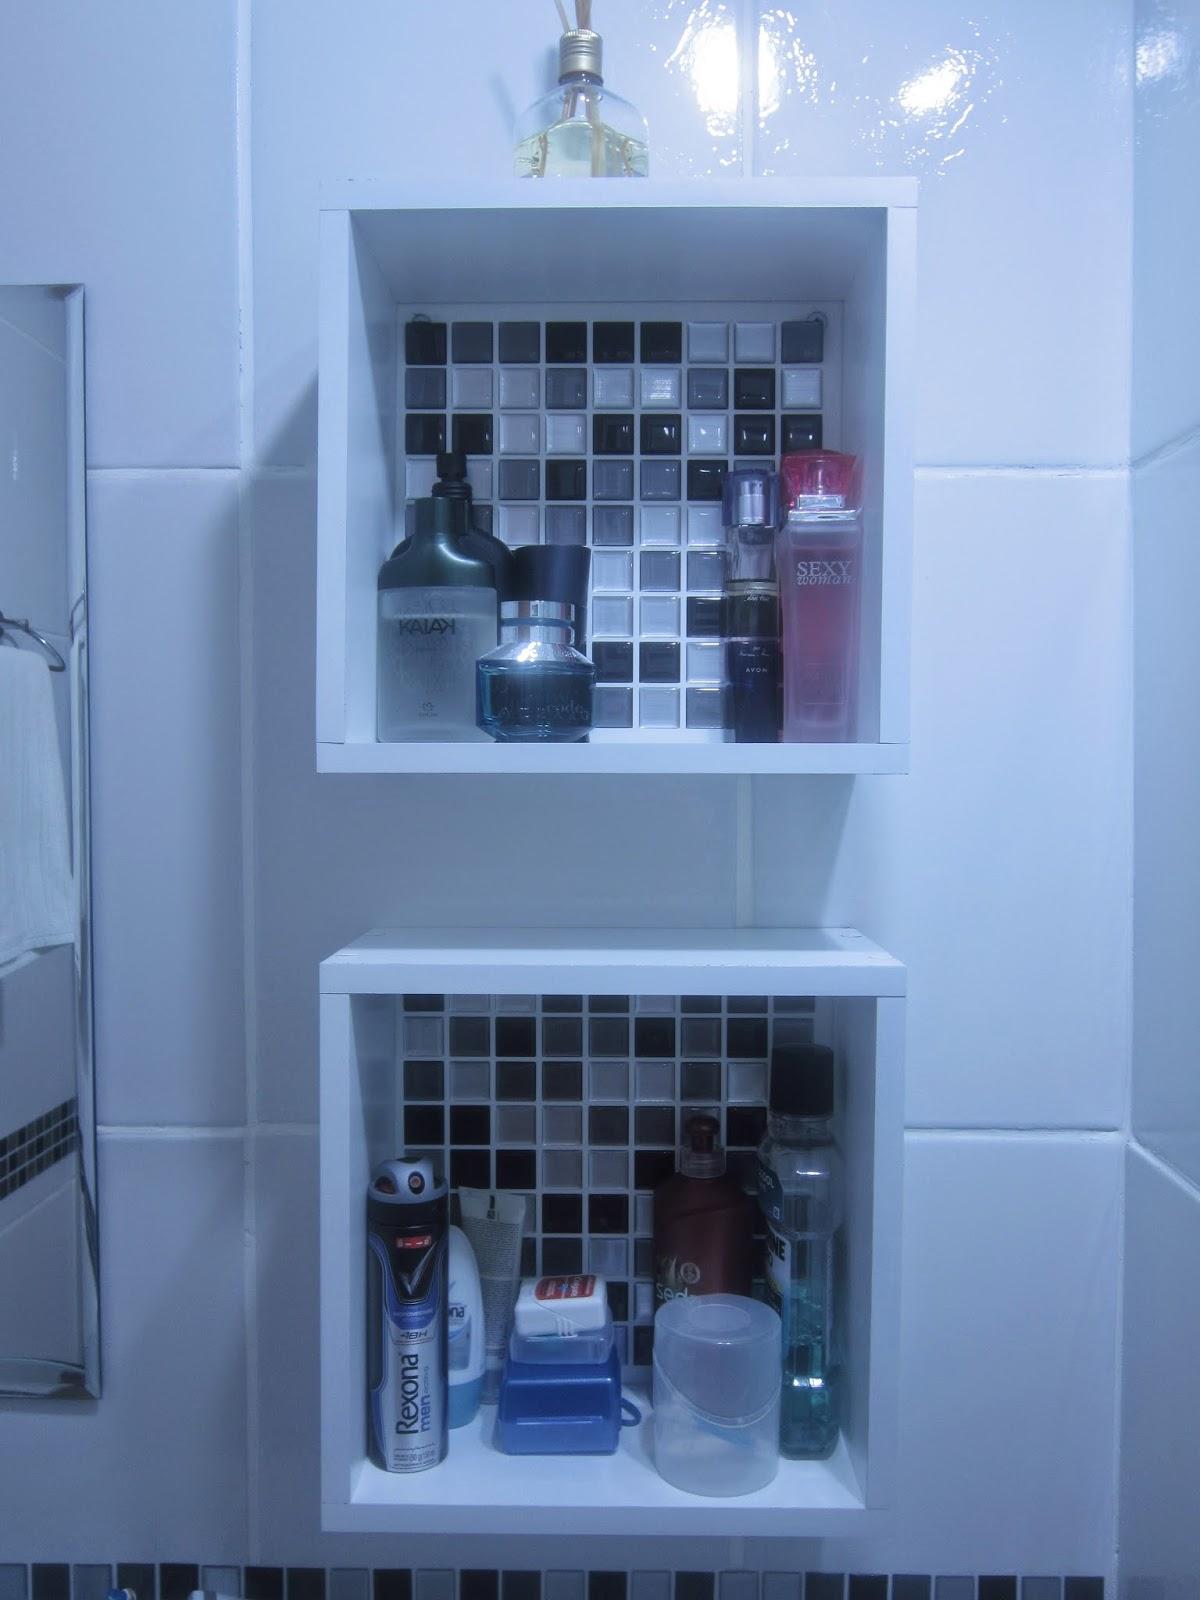 Cafofo Sonhado: Decorando banheiros pequenos: 2 banheiros 2m² cada  #2656A5 1200x1600 Balança De Banheiro Lojas Americanas